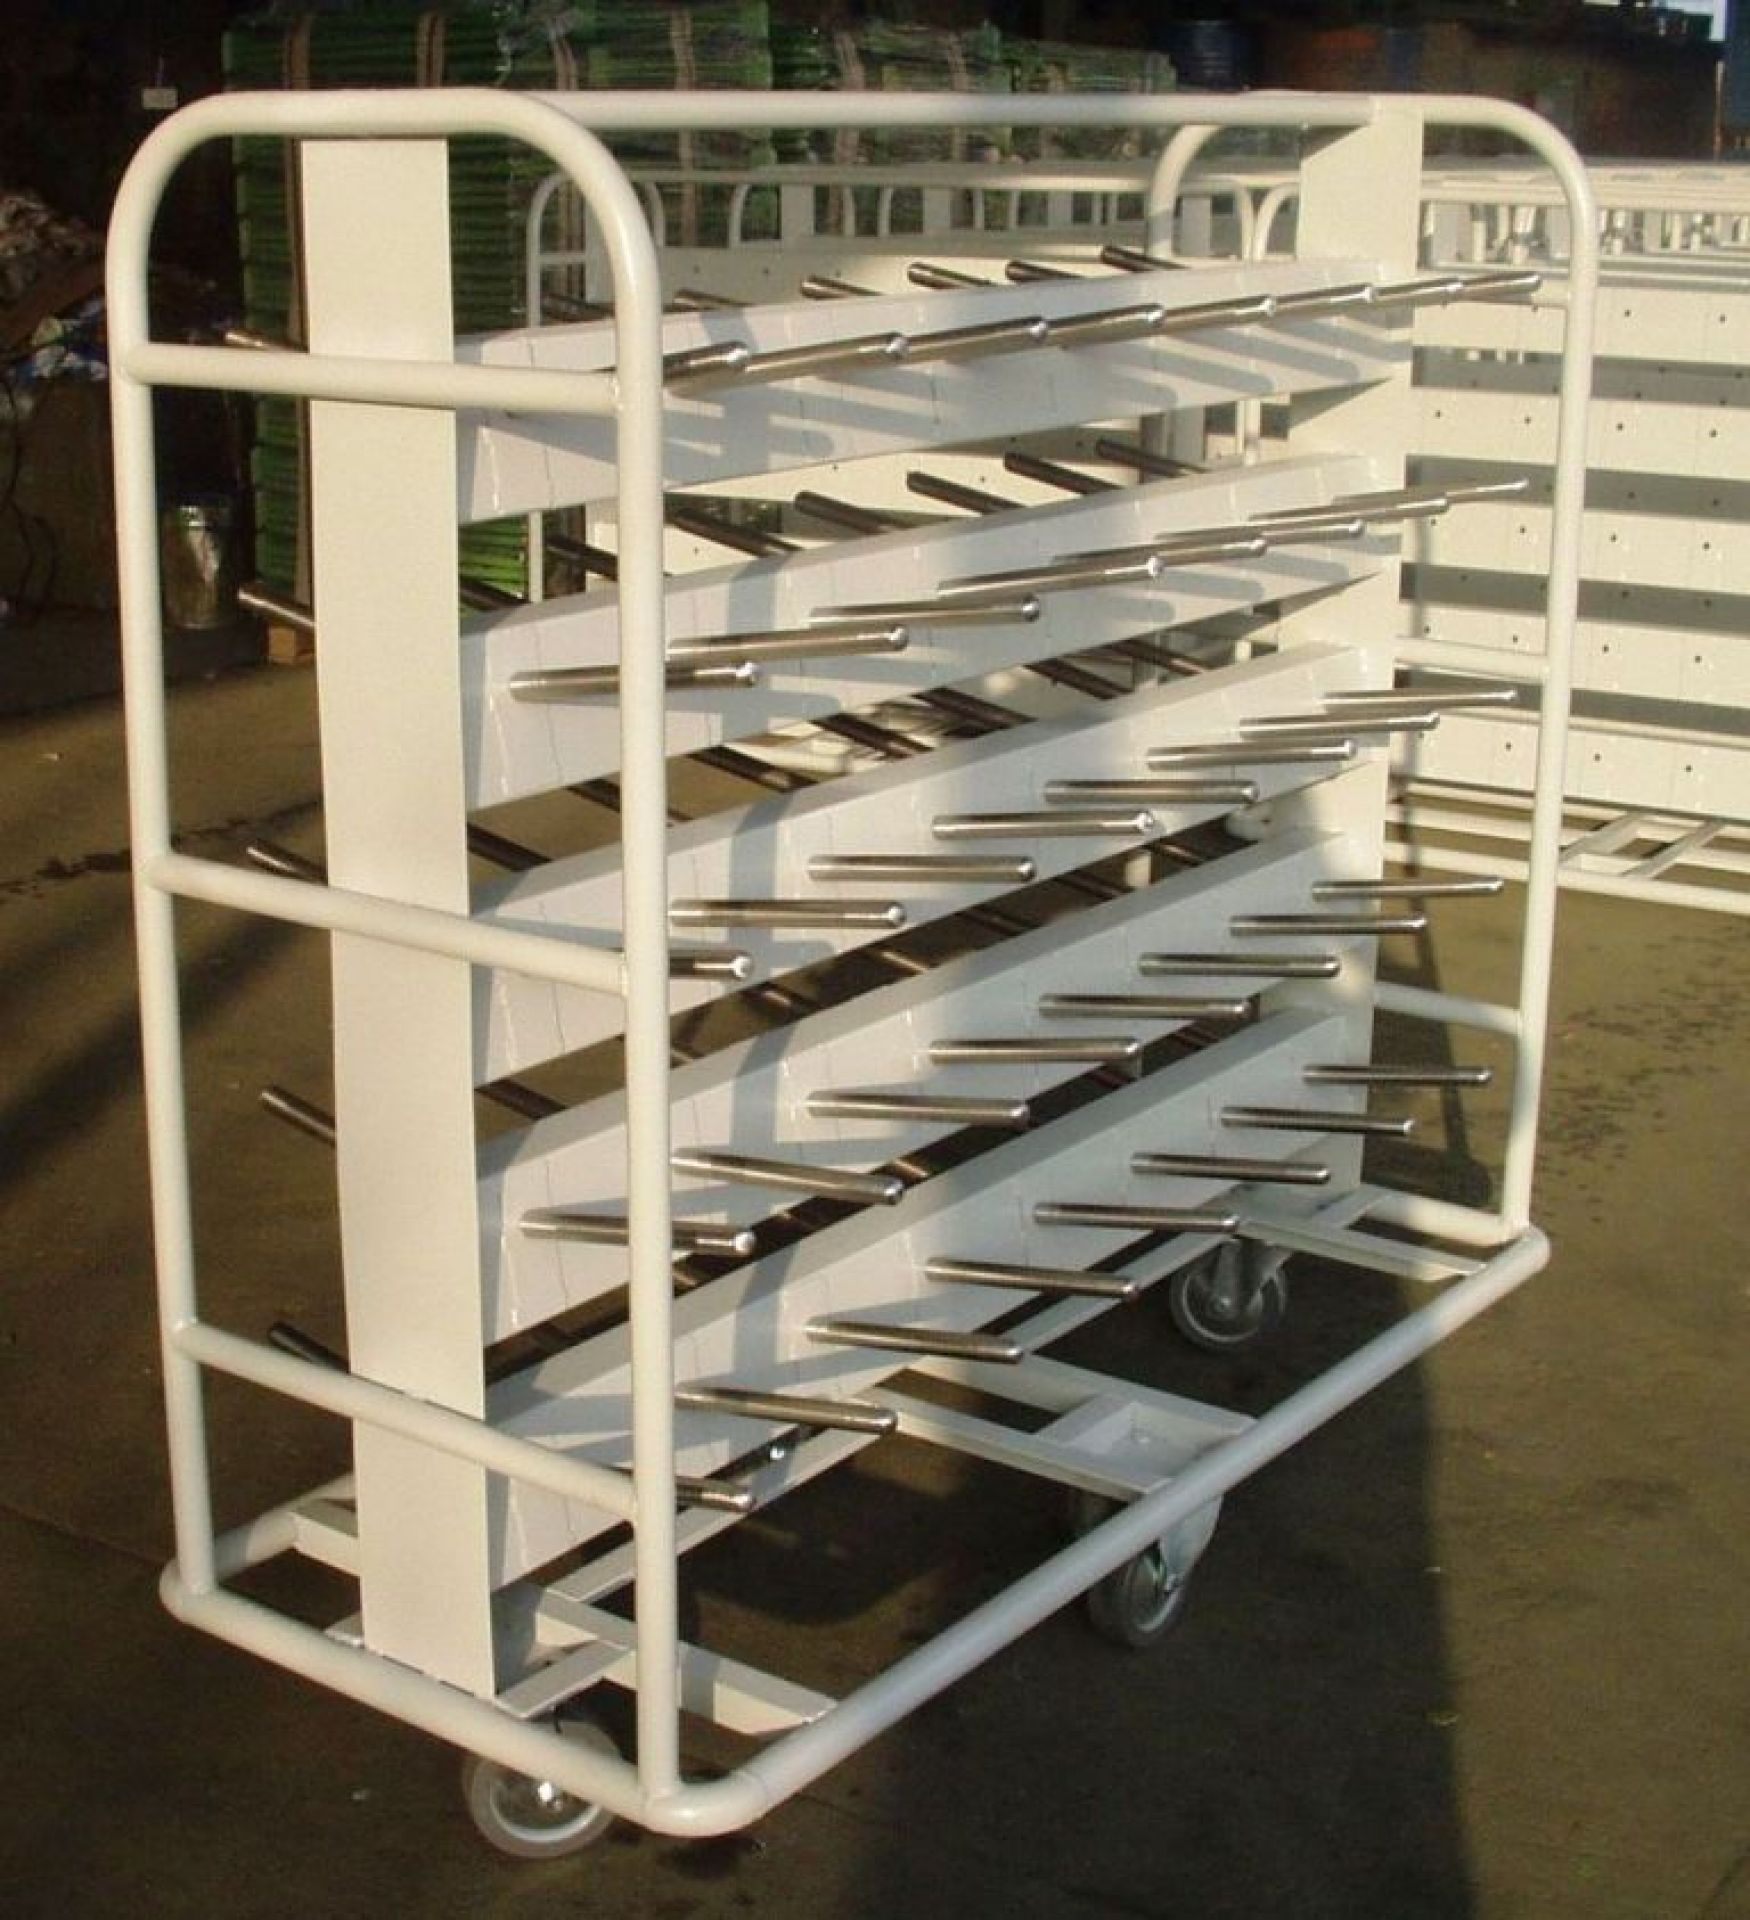 Spulenwagen rollbar für 80 Garnspulen